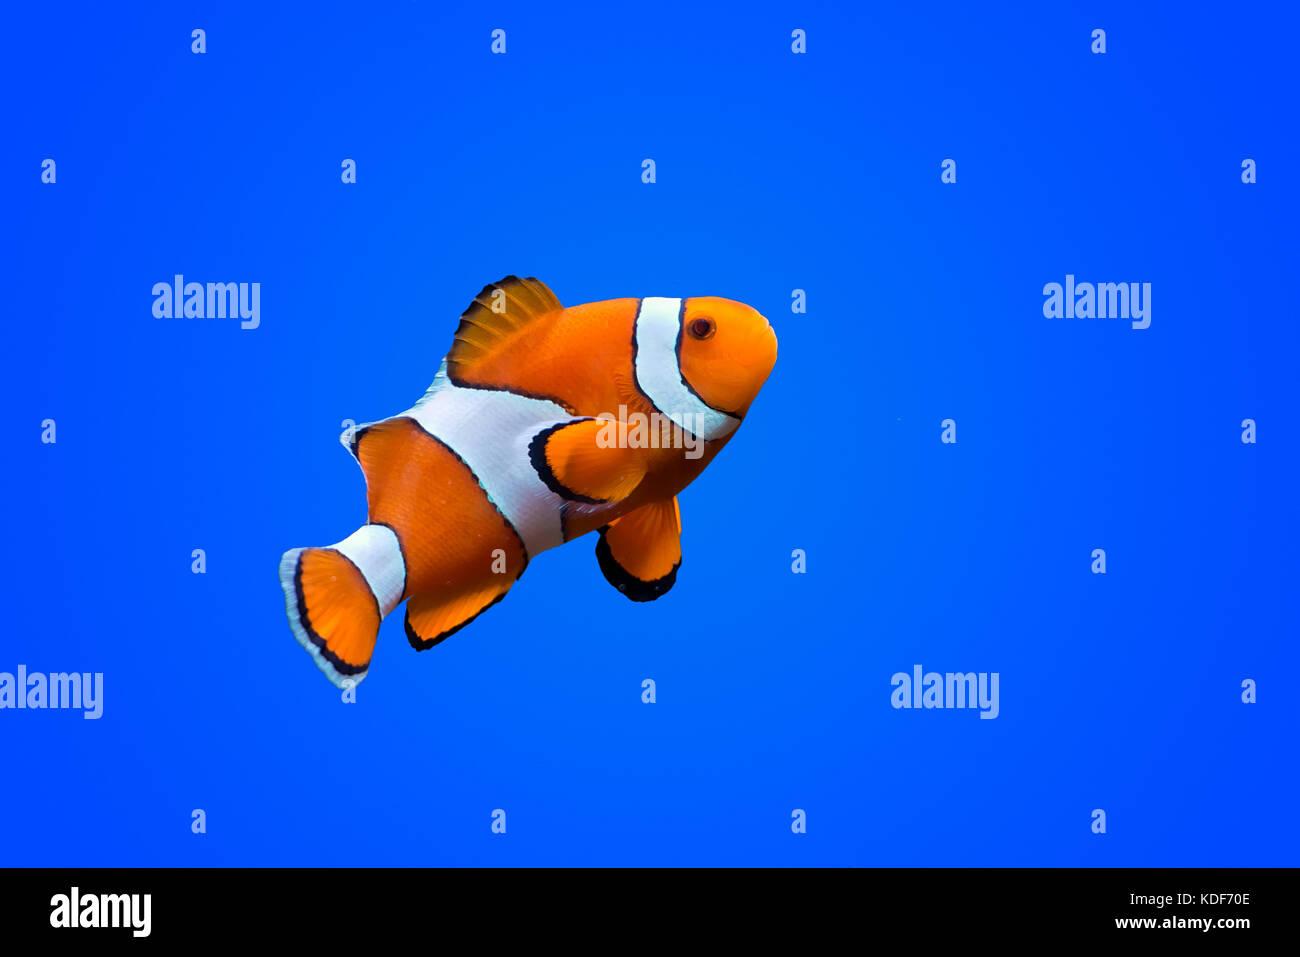 Amphiprioninae pesce pagliaccio sul mare blu profondo colore di sfondo Immagini Stock